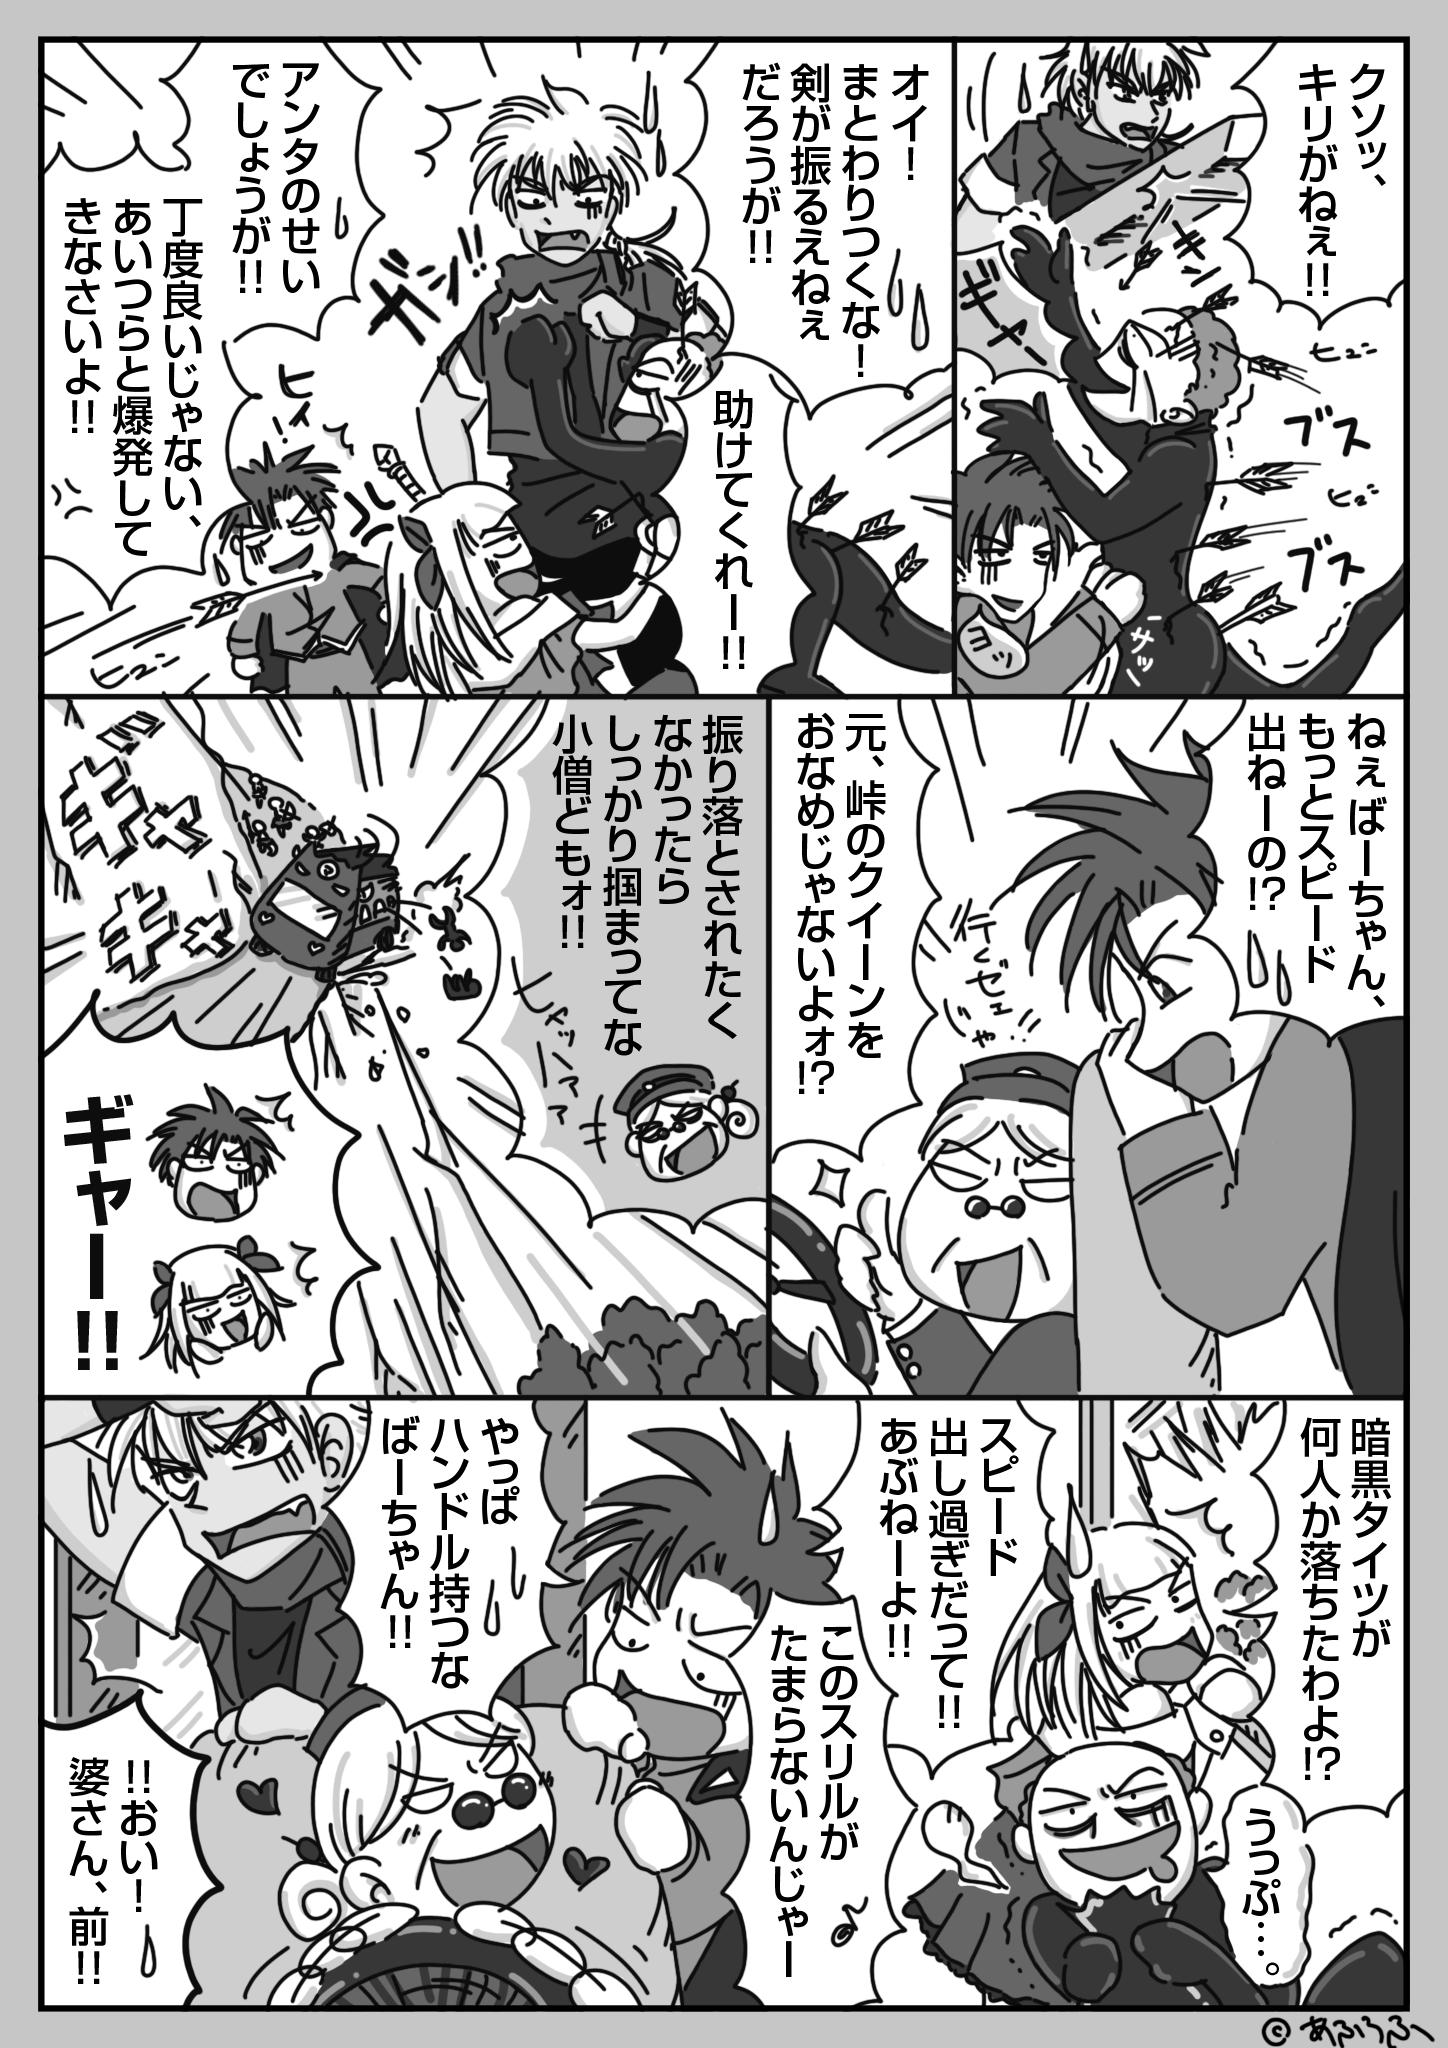 5話『大魔王城ツアーバスと暗黒タイツ軍団』(13)